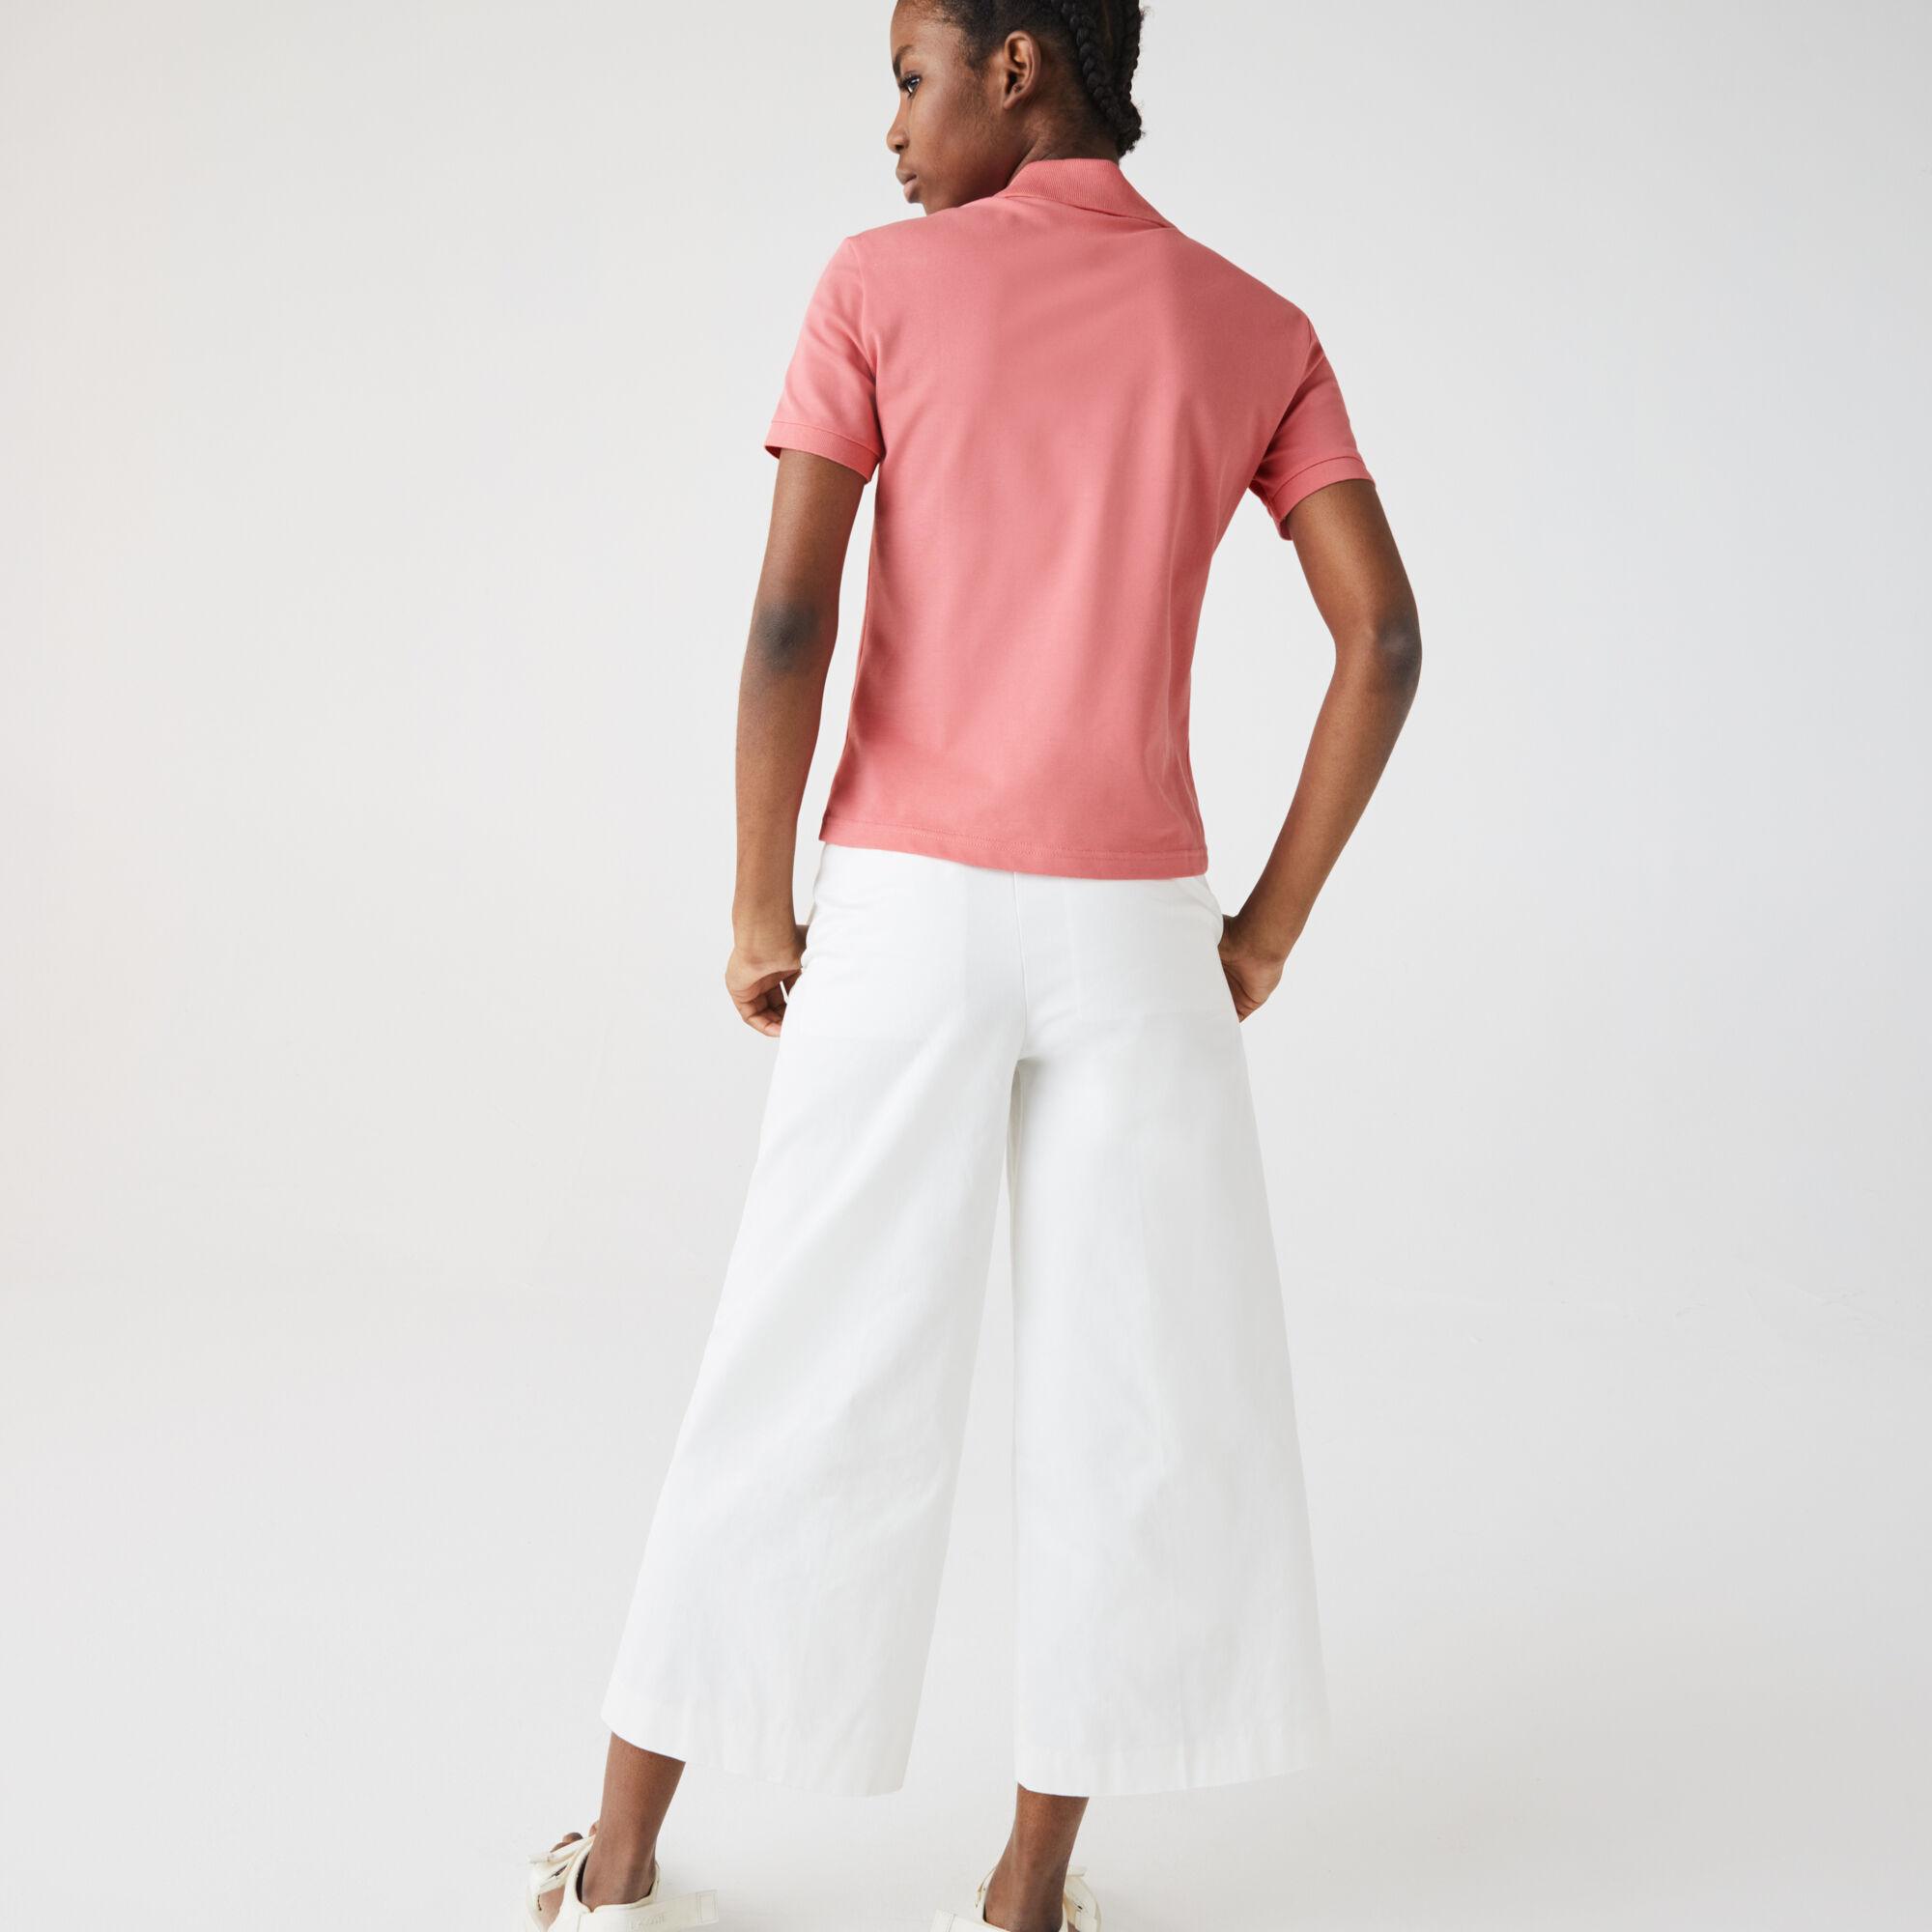 Women's Lacoste LIVE Slim Fit Stretch Cotton Piqué Polo